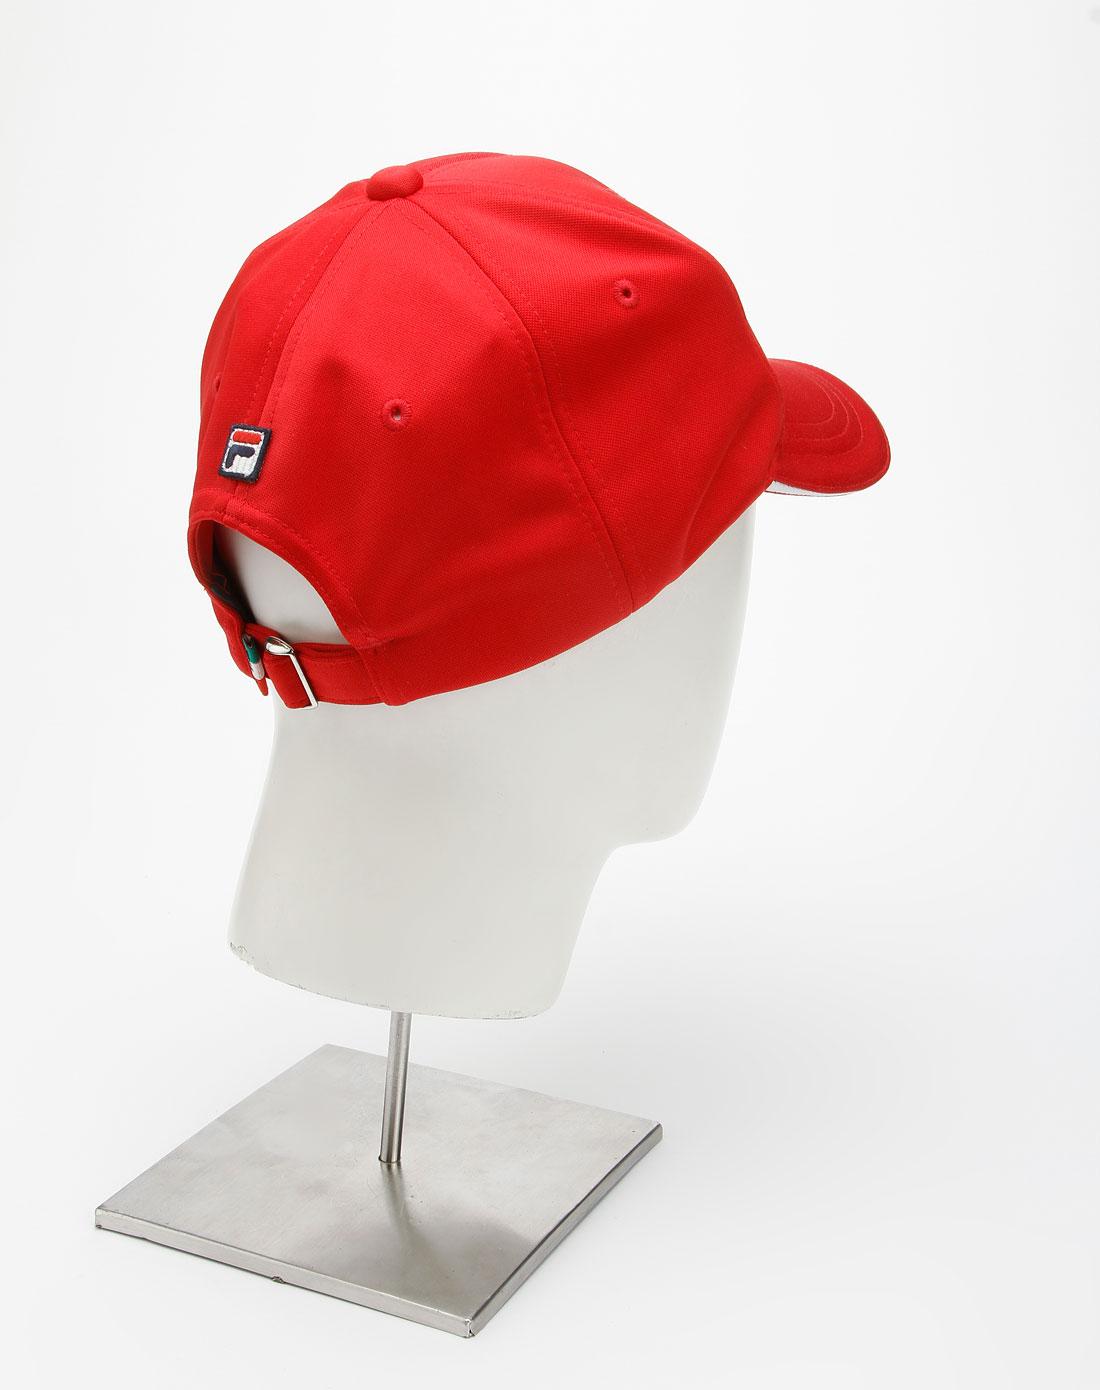 中性红/蓝色时尚网球帽